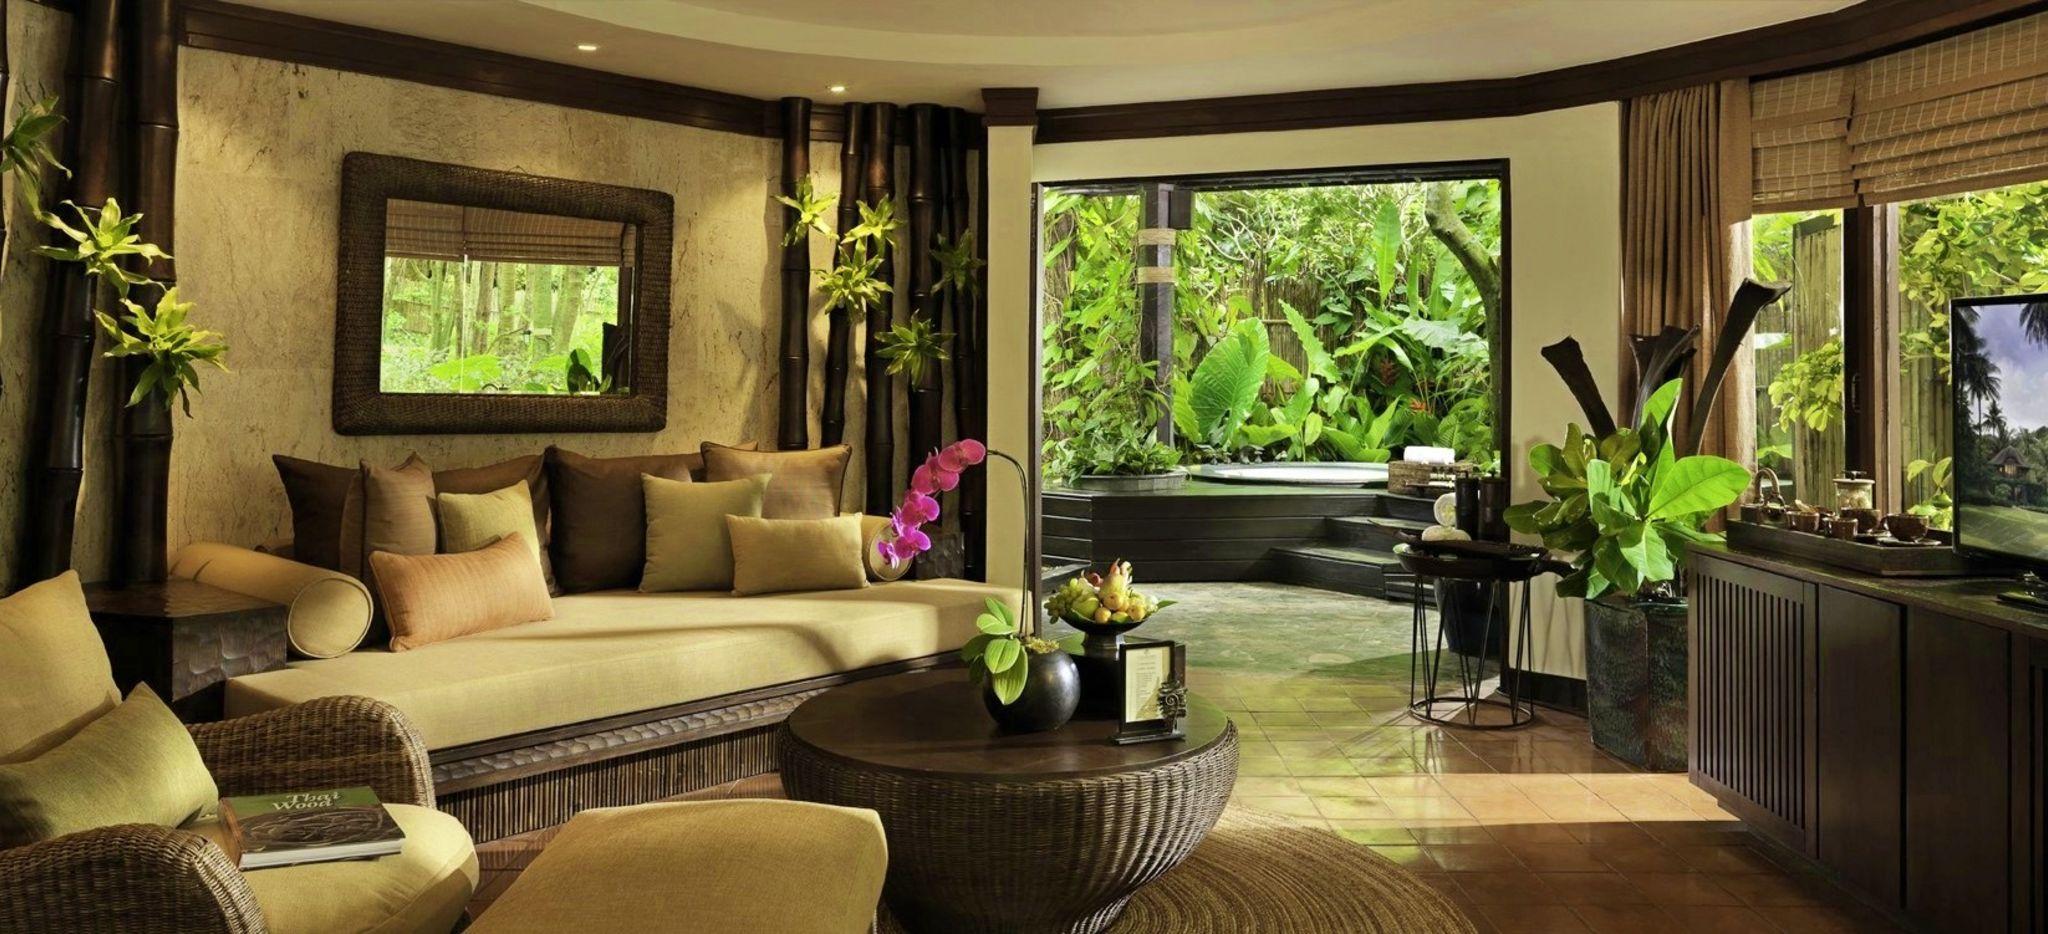 Ein großes, gemütliches Wohnzimmer im Hotel Rayavadee